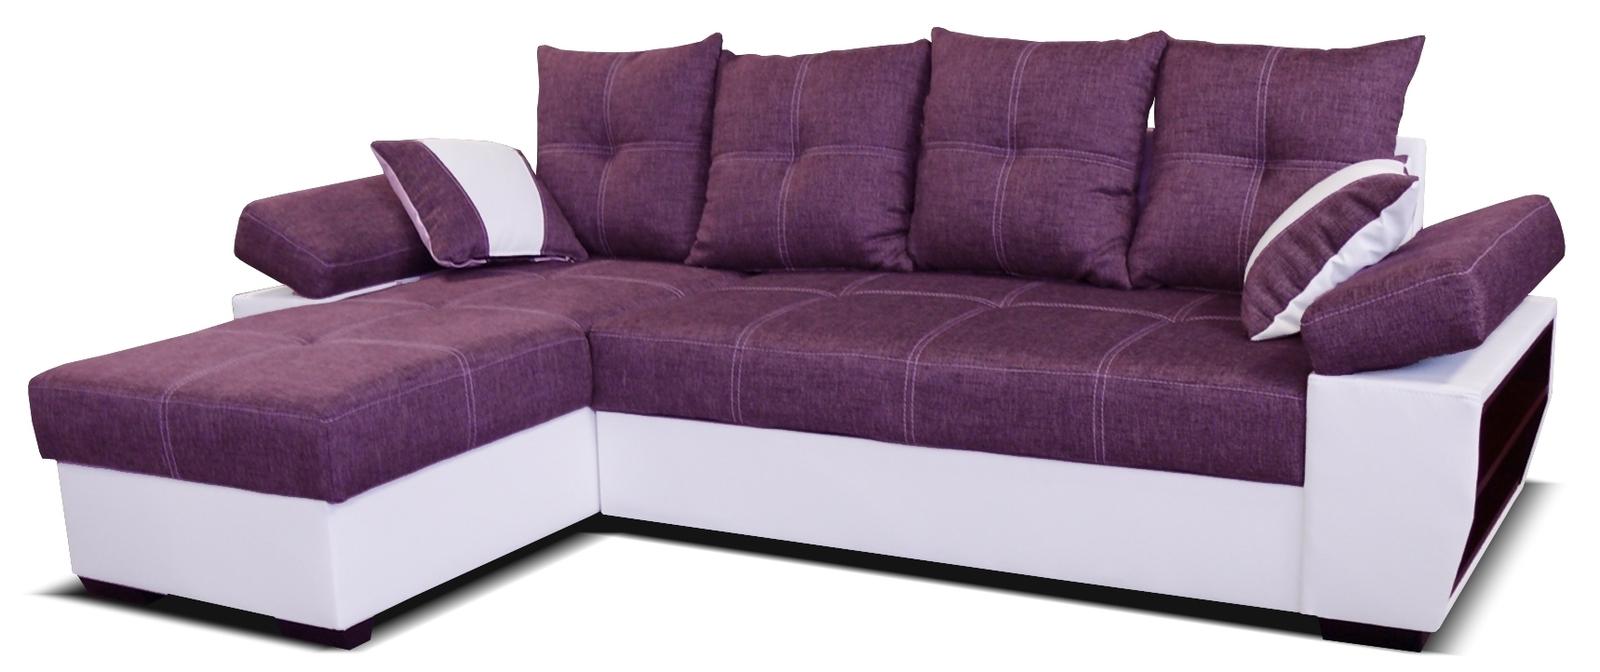 Rohová sedací souprava - Po-Sed - Viena L+2F (L) bílá + fialová